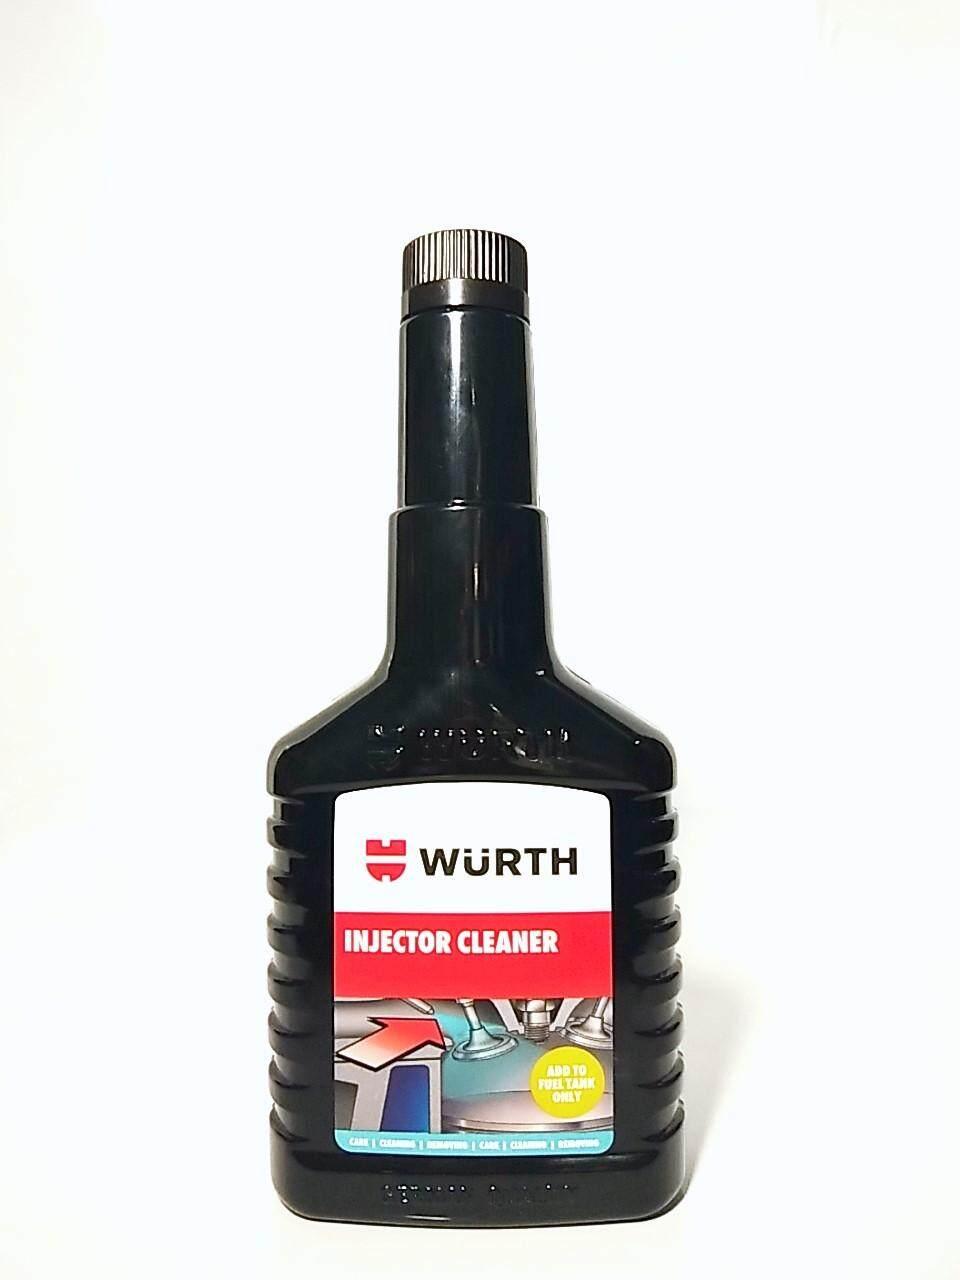 น้ำยาทำความสะอาดหัวฉีดเบนซิน WURTH  ช่วยเพิ่มประสิทธิภาพของน้ำมันมากยิ่งขึ้น เครื่องยนต์เดินเรียบทำงานได้เต็มประสิทธิภาพ